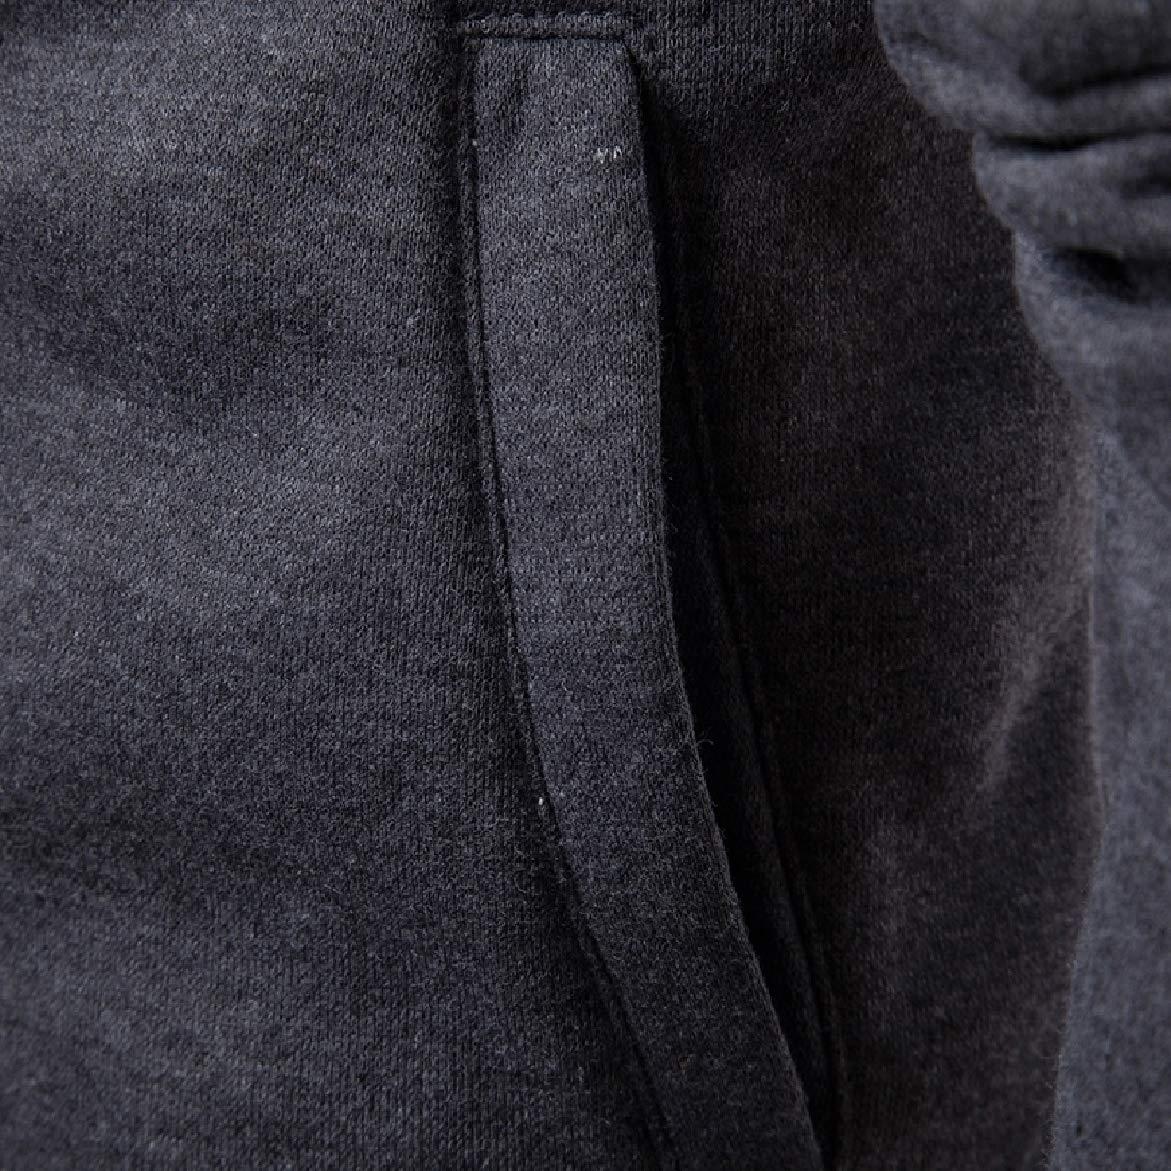 willwinMen WillingStart Mens Outdoor Hooded Zip-up Oversize Pullover Hoodie Sweatshirt